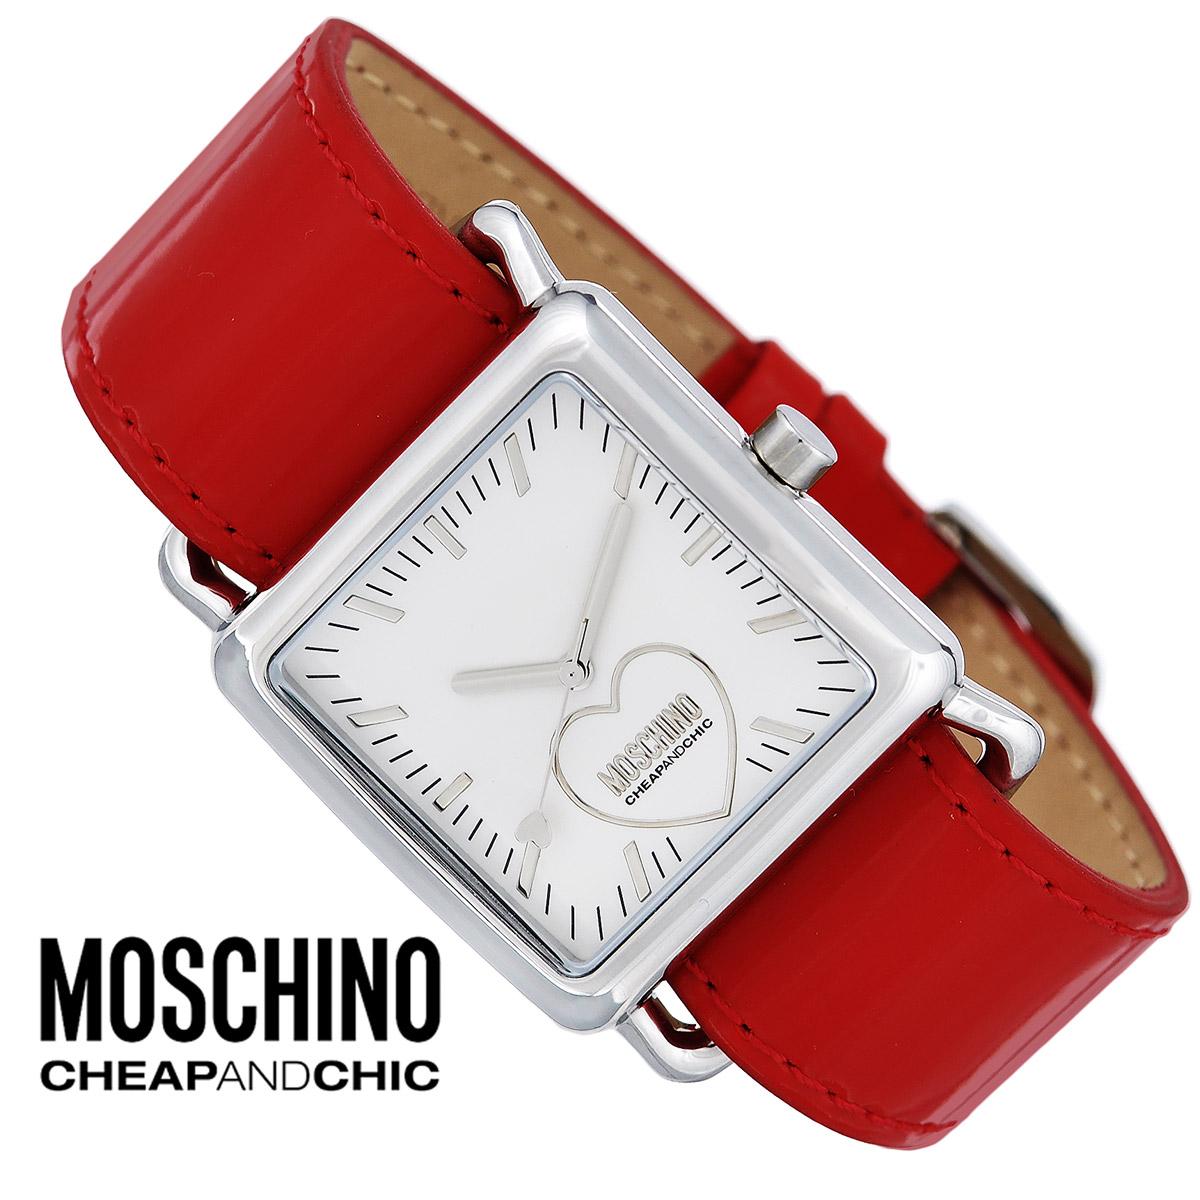 Часы женские наручные Moschino, цвет: серебристый, красный. MW0367MW0367Наручные часы от известного итальянского бренда Moschino - это не только стильный и функциональный аксессуар, но и современные технологи, сочетающиеся с экстравагантным дизайном и индивидуальностью. Часы Moschino оснащены кварцевым механизмом. Корпус выполнен из высококачественной нержавеющей стали. Циферблат оформлен сердцем с названием бренда и защищен минеральным стеклом. Часы имеют три стрелки - часовую, минутную и секундную. Часы можно носить как на шелковом фирменном платке, так и на ремешке из натуральной лаковой кожи. Платок также можно использовать в качестве самостоятельного аксессуара на шее или украсить им сумочку. Часы упакованы в фирменную металлическую коробку с логотипом бренда. Часы Moschino благодаря своему уникальному дизайну отличаются от часов других марок своеобразными циферблатами, функциональностью, а также набором уникальных технических свойств. Каждой модели присуща легкая экстравагантность, самобытность и, безусловно,...